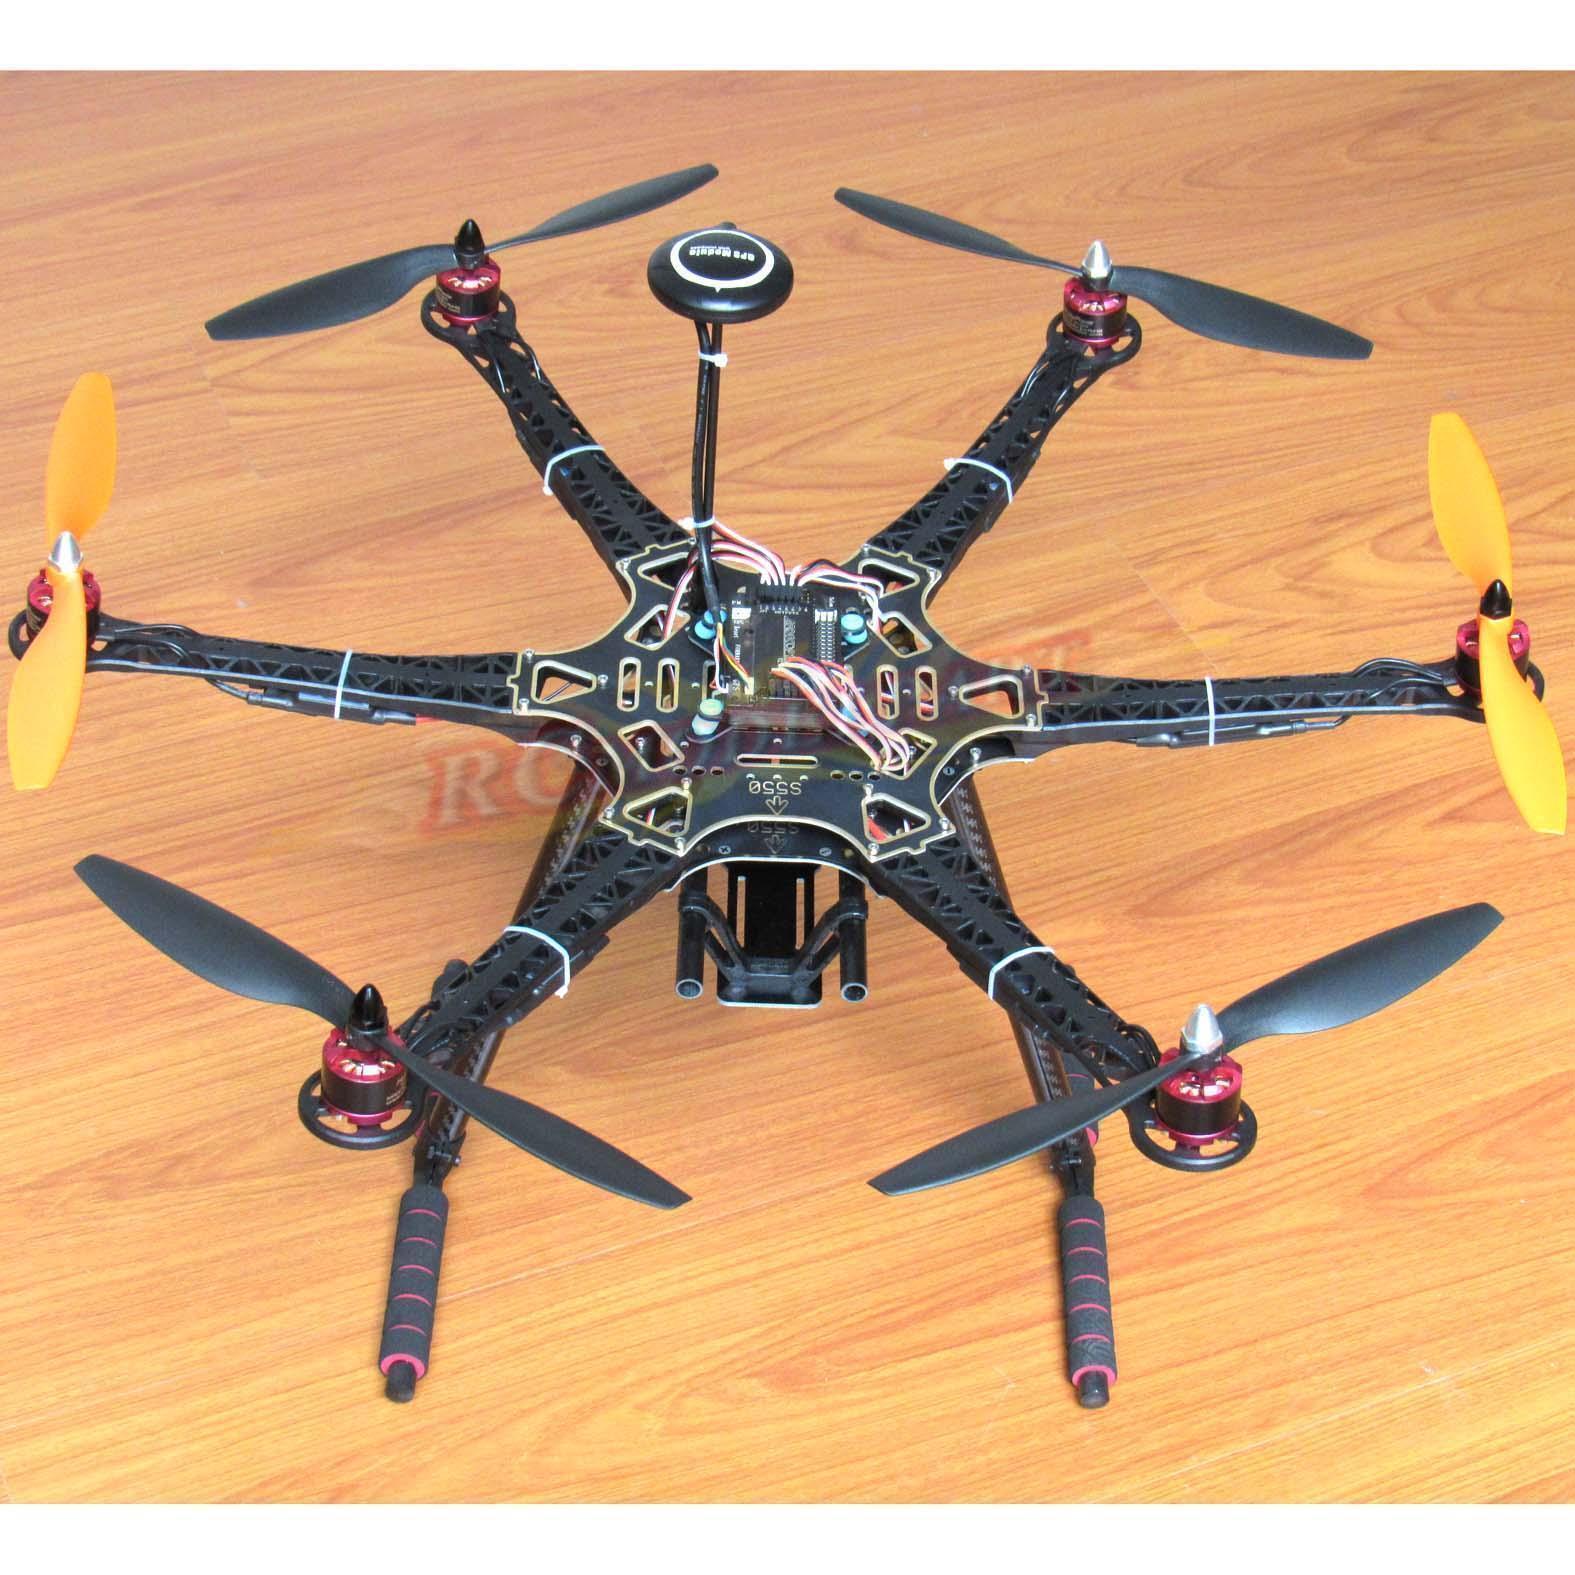 DIY s550 hexacopter apm2.8 FC neo-7m GPS hp2212 920kv motor bl SimonK 30a Esc